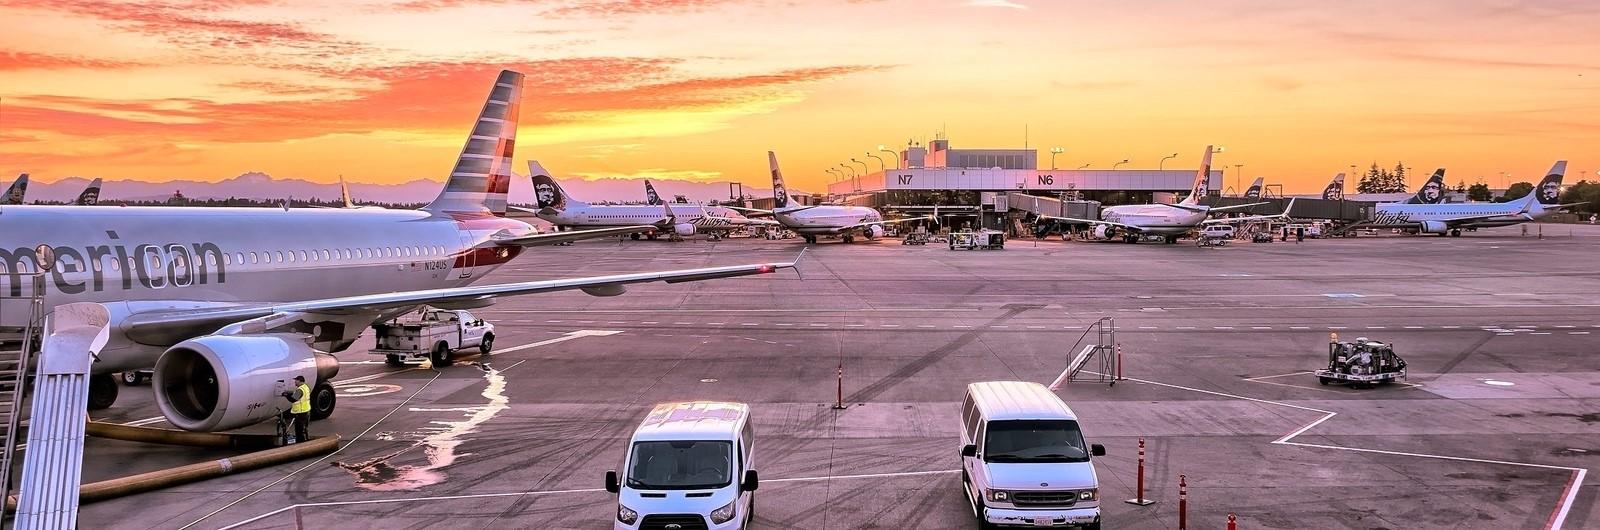 airport generic 22